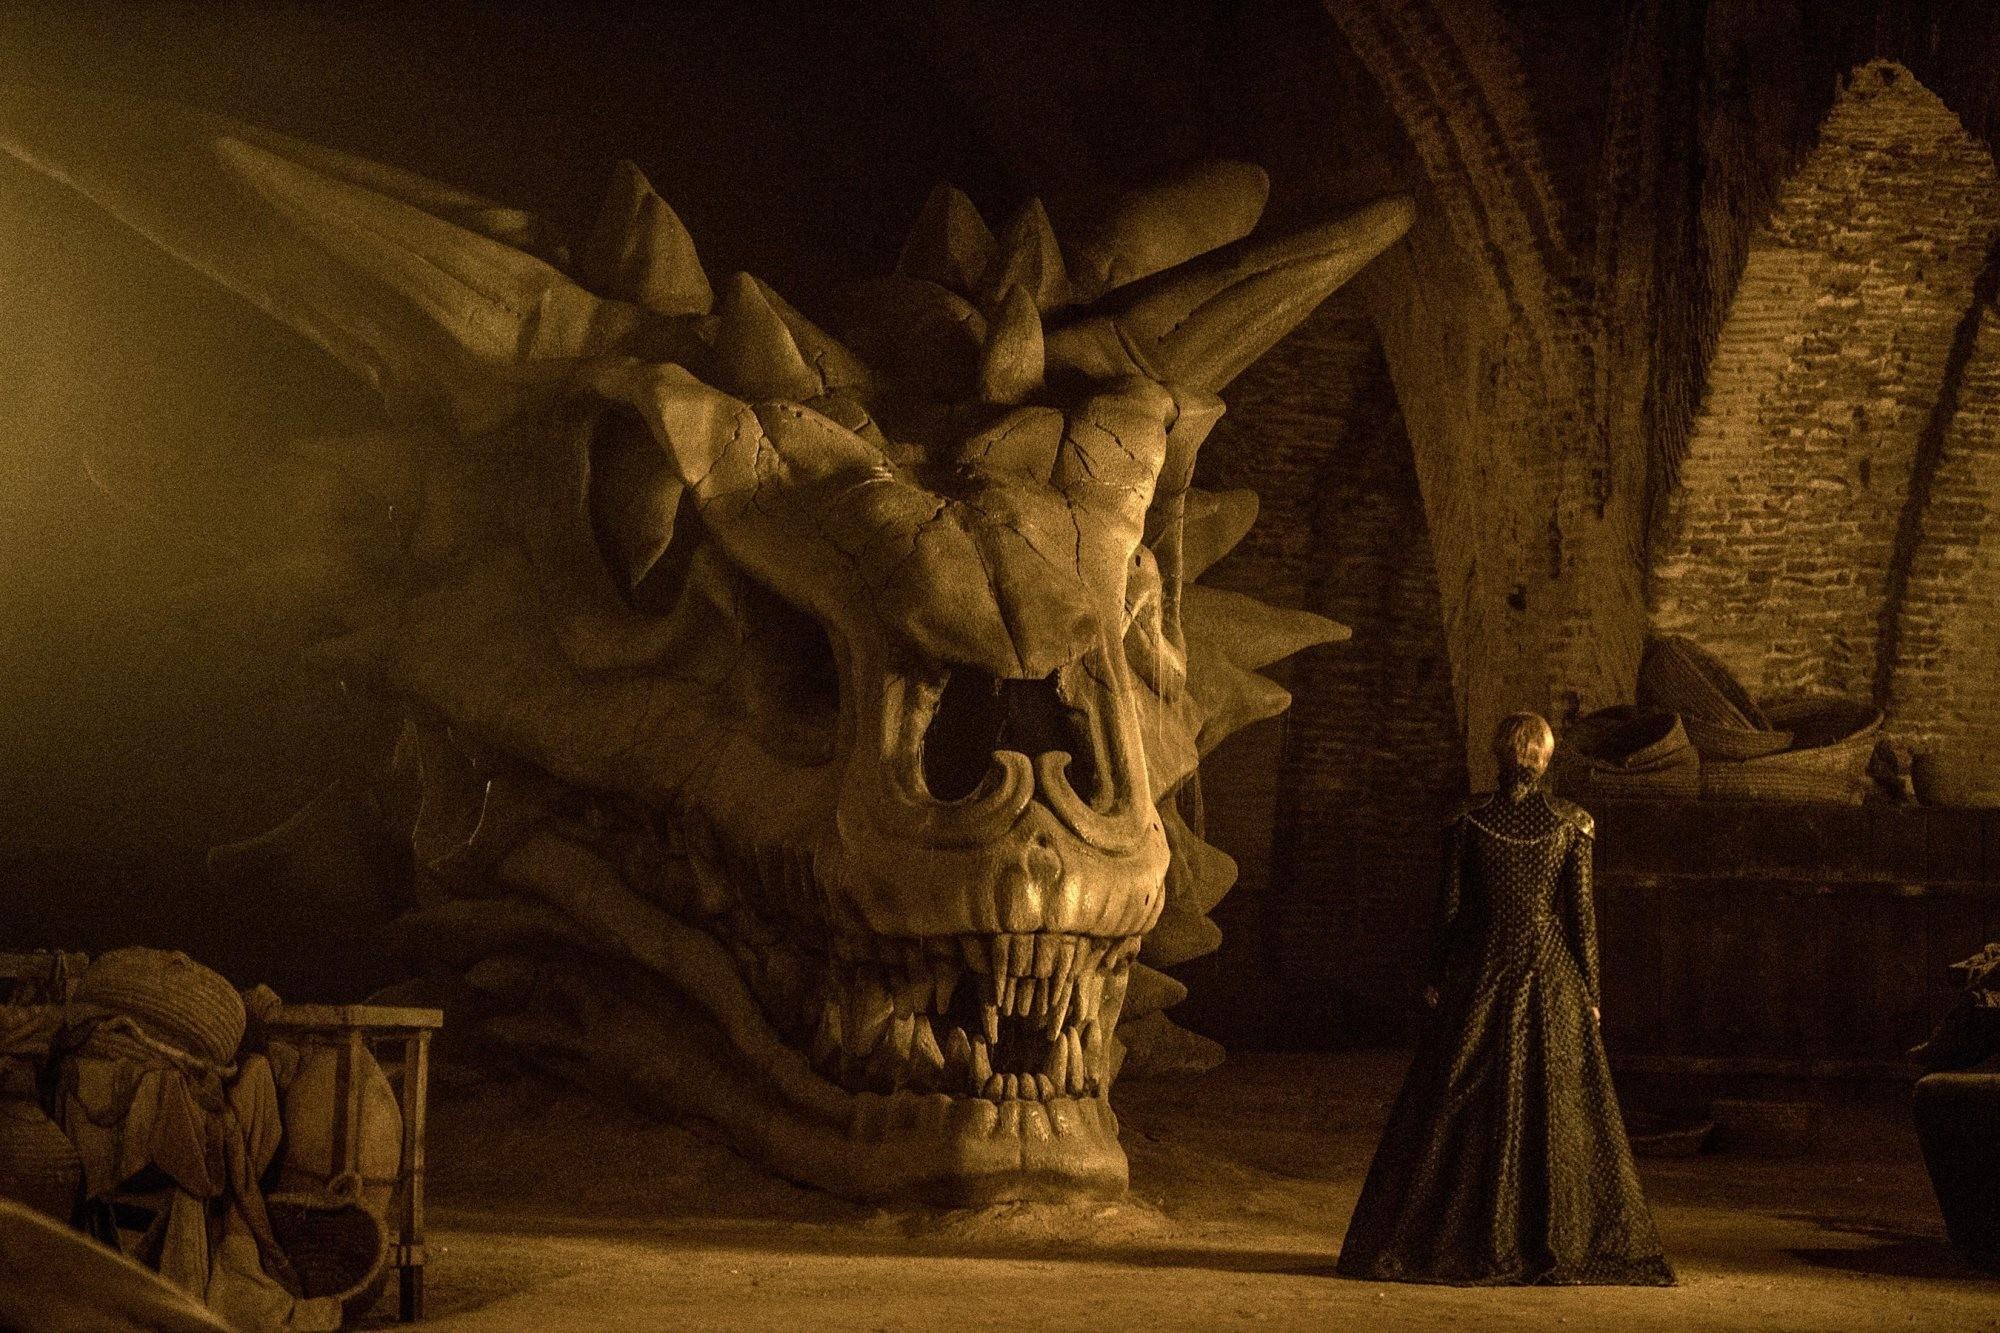 در روزهای اخیر فرآیند انتخاب بازیگران سریال «خاندان اژدها» (House of the Dragon) که تنها یکی از اسپین آف های سریال محبوب «بازی تاج و تخت» (Game of Thrones) به شمار می آید آغاز شده است.